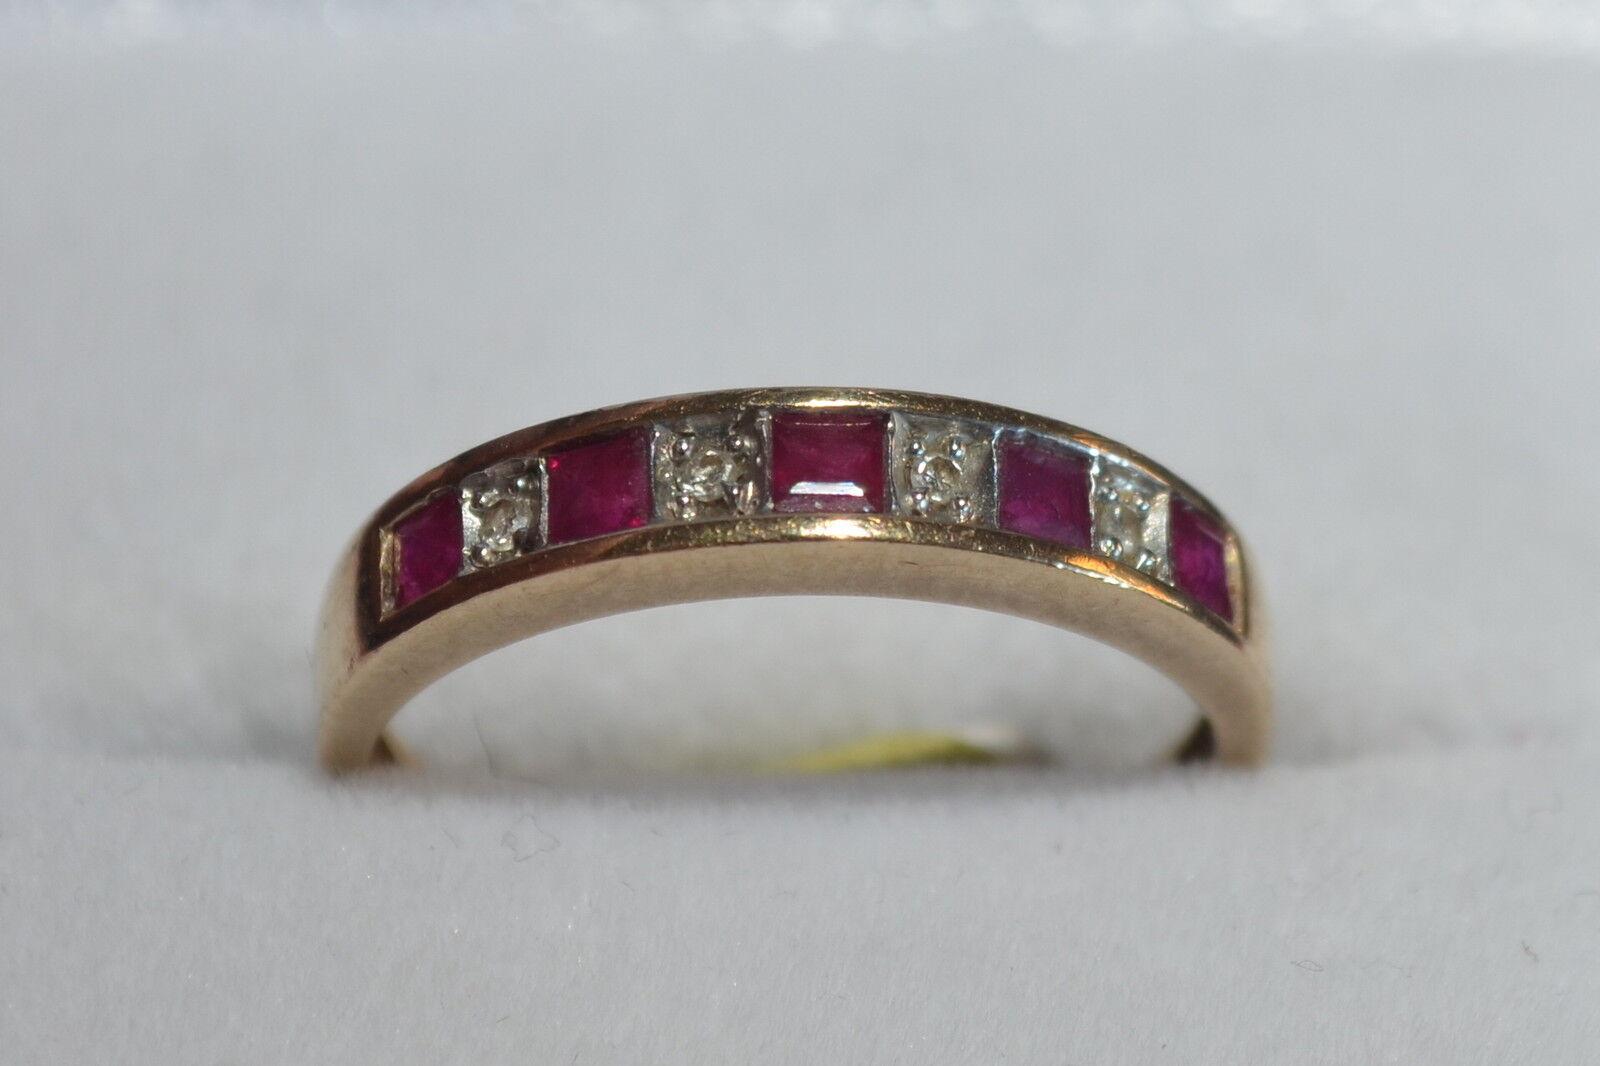 Seconda mano Ruby Diamond 1 4 Eternity Eternity Eternity Anello 9 CT GIALLO oro TAGLIA K Ridotto Vendita 41c5ba